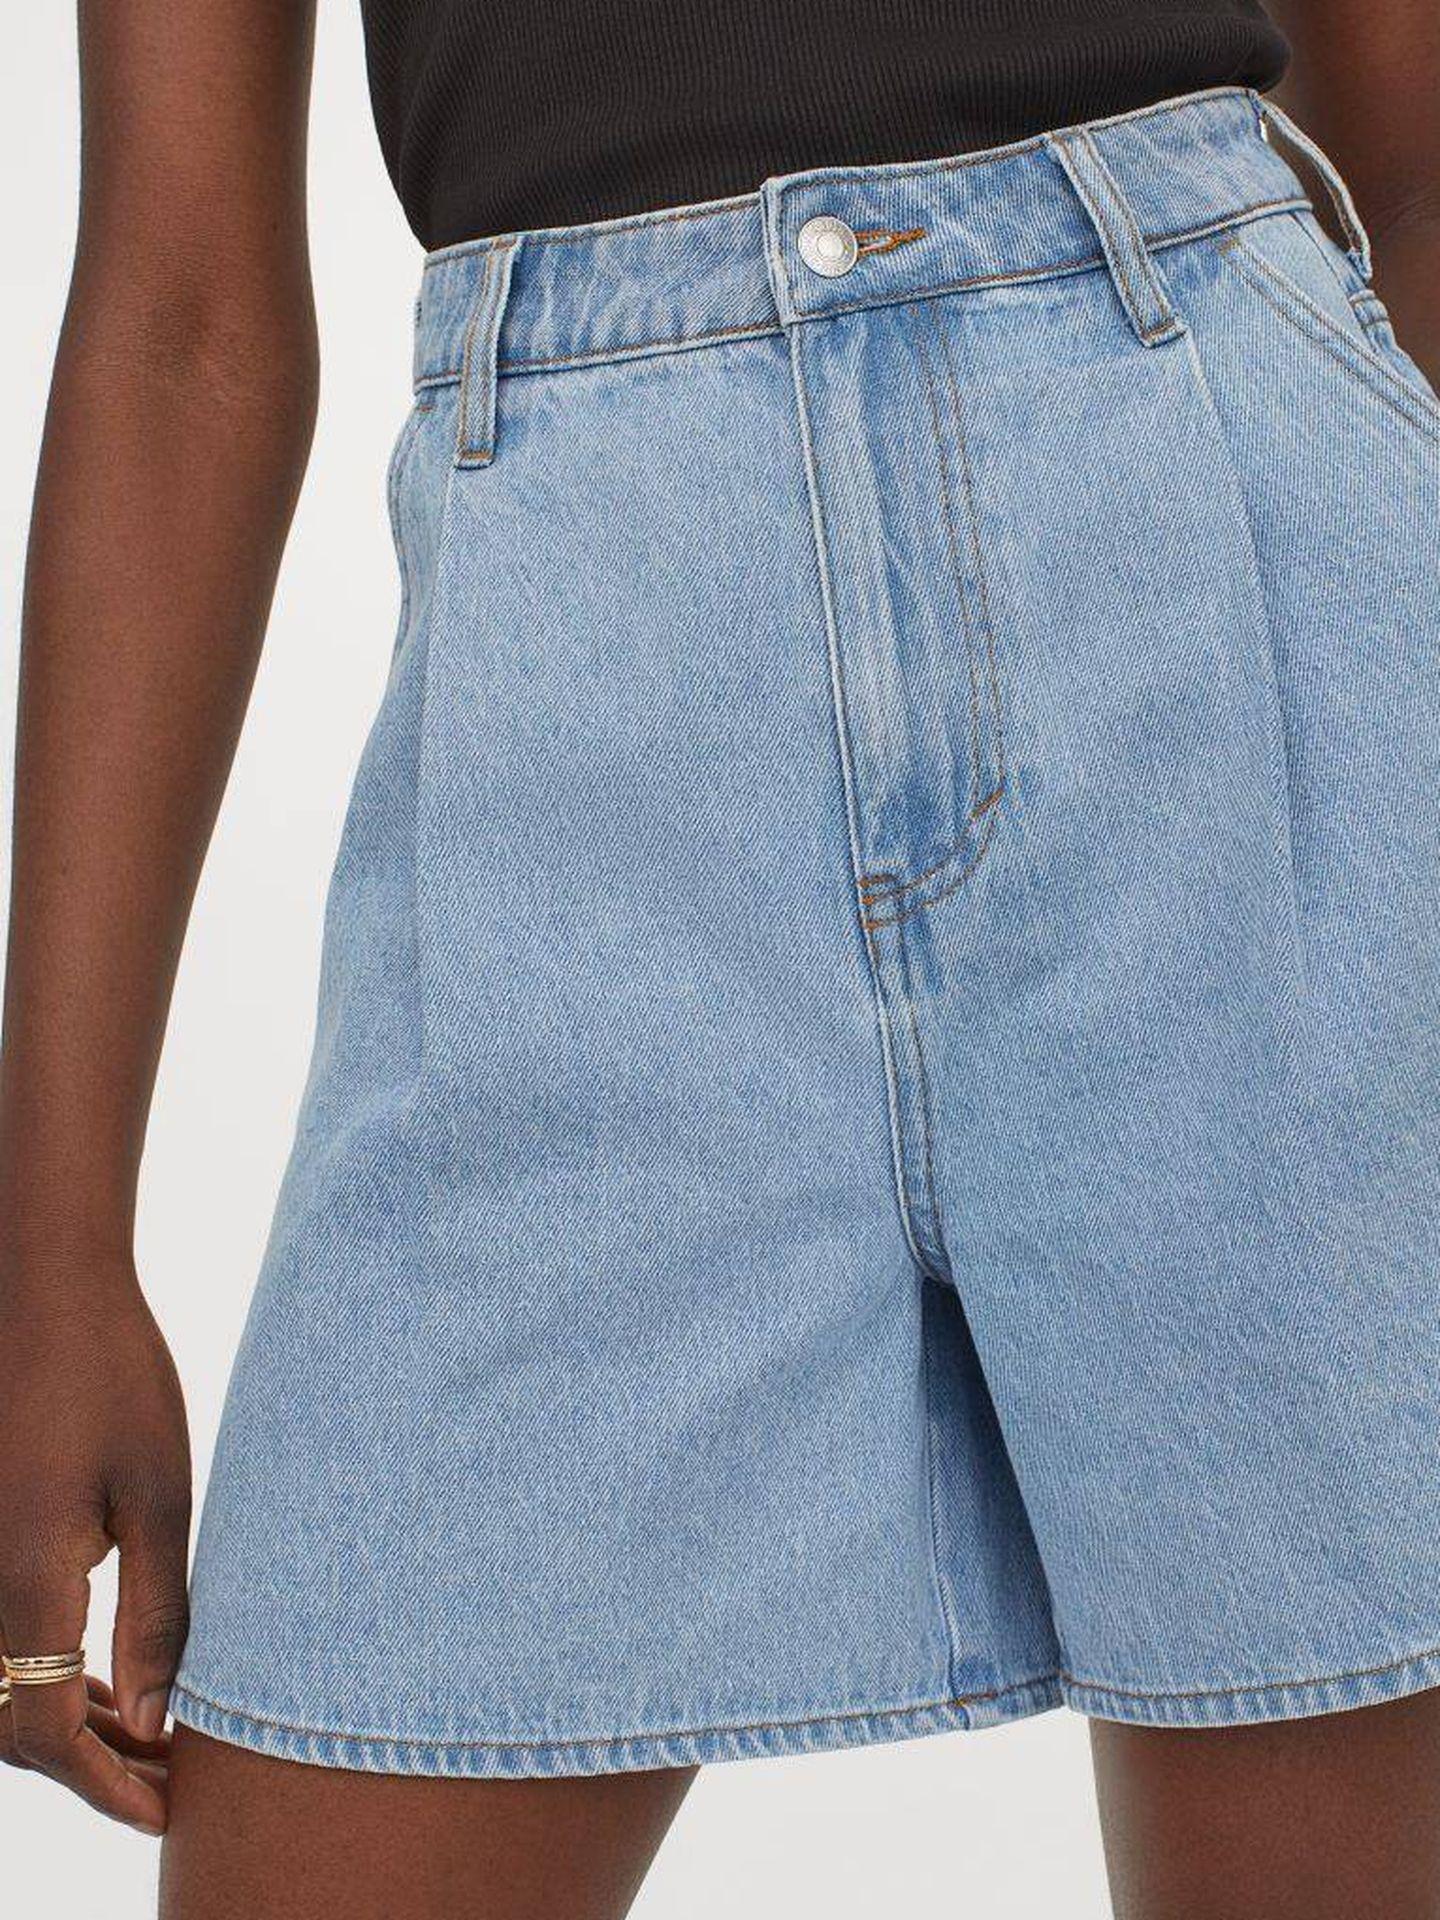 El pantalón vaquero corto y básico de HyM. (Cortesía)